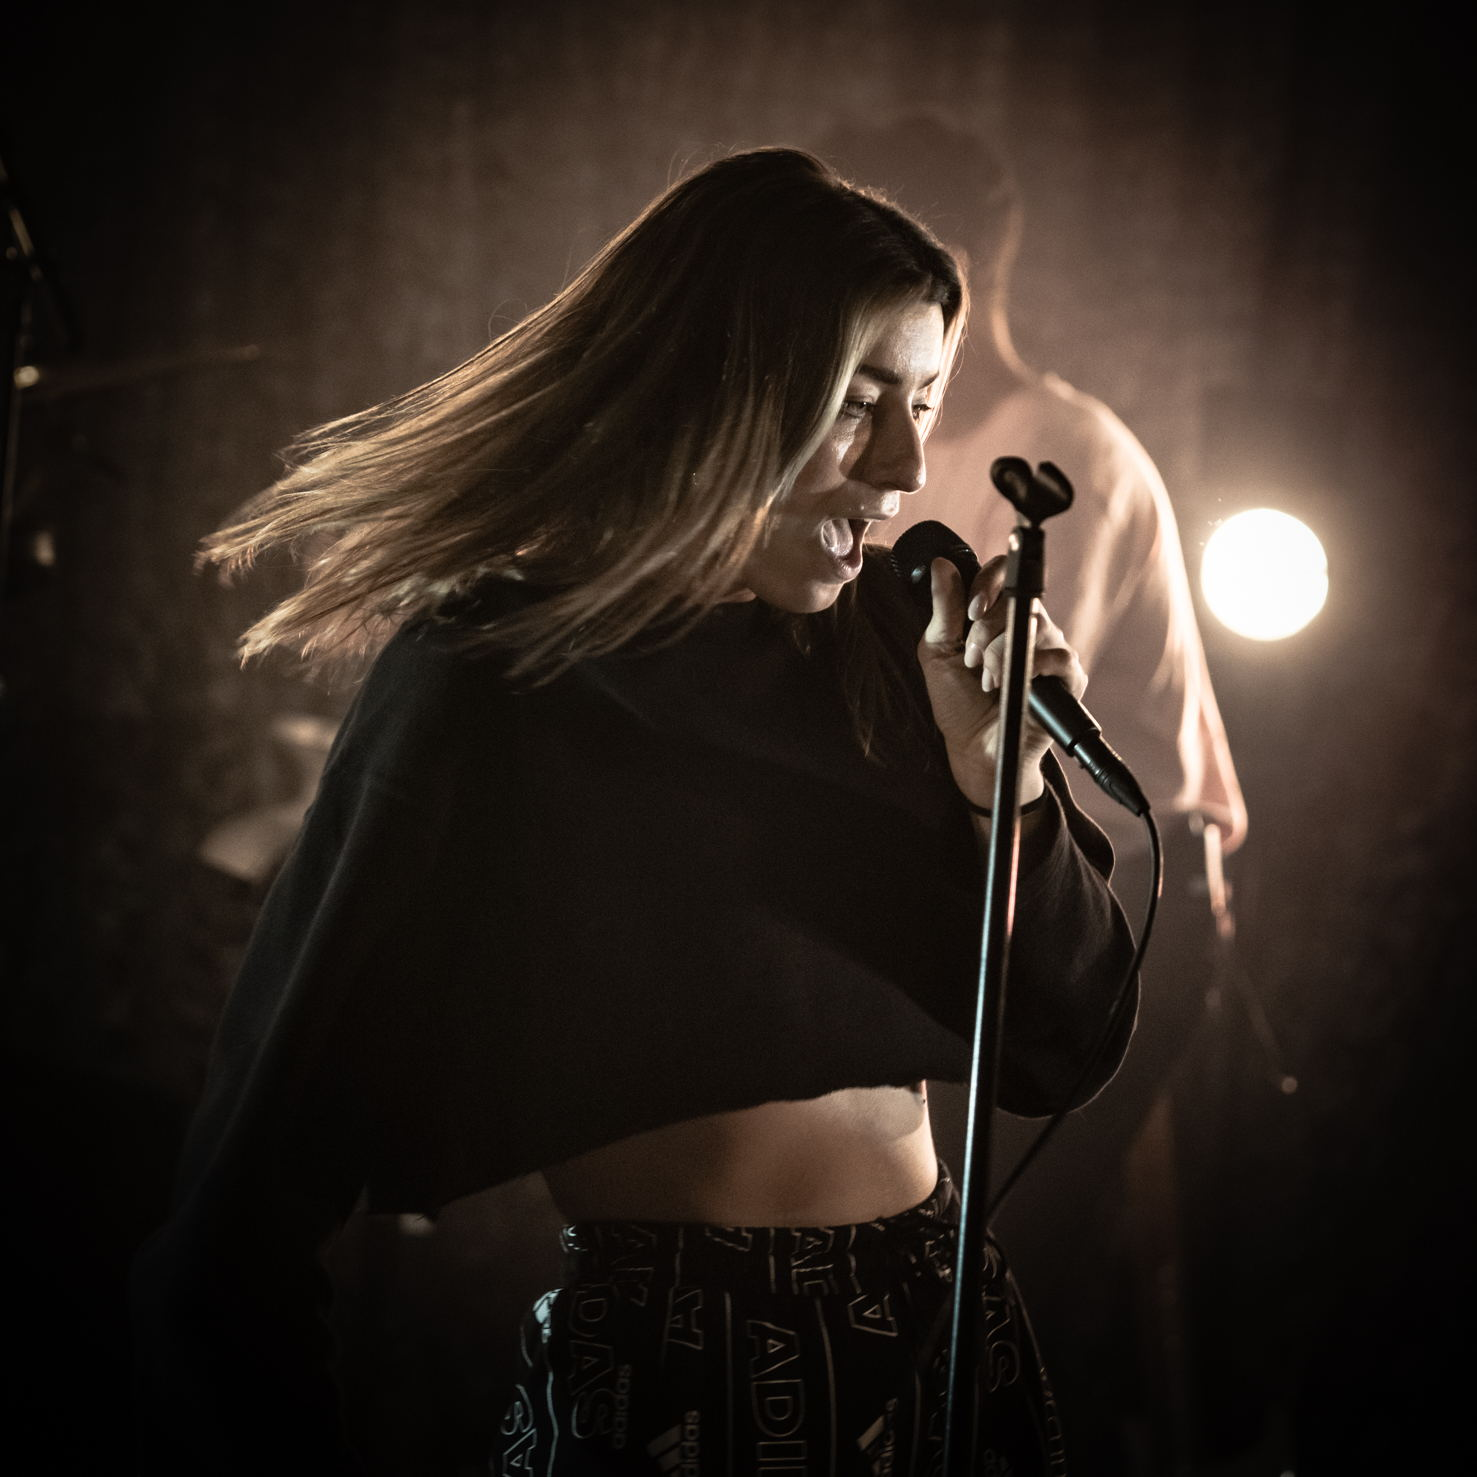 Photo Anya fotografeerde het Locked & Live concert RONDÉ in Het Podium.